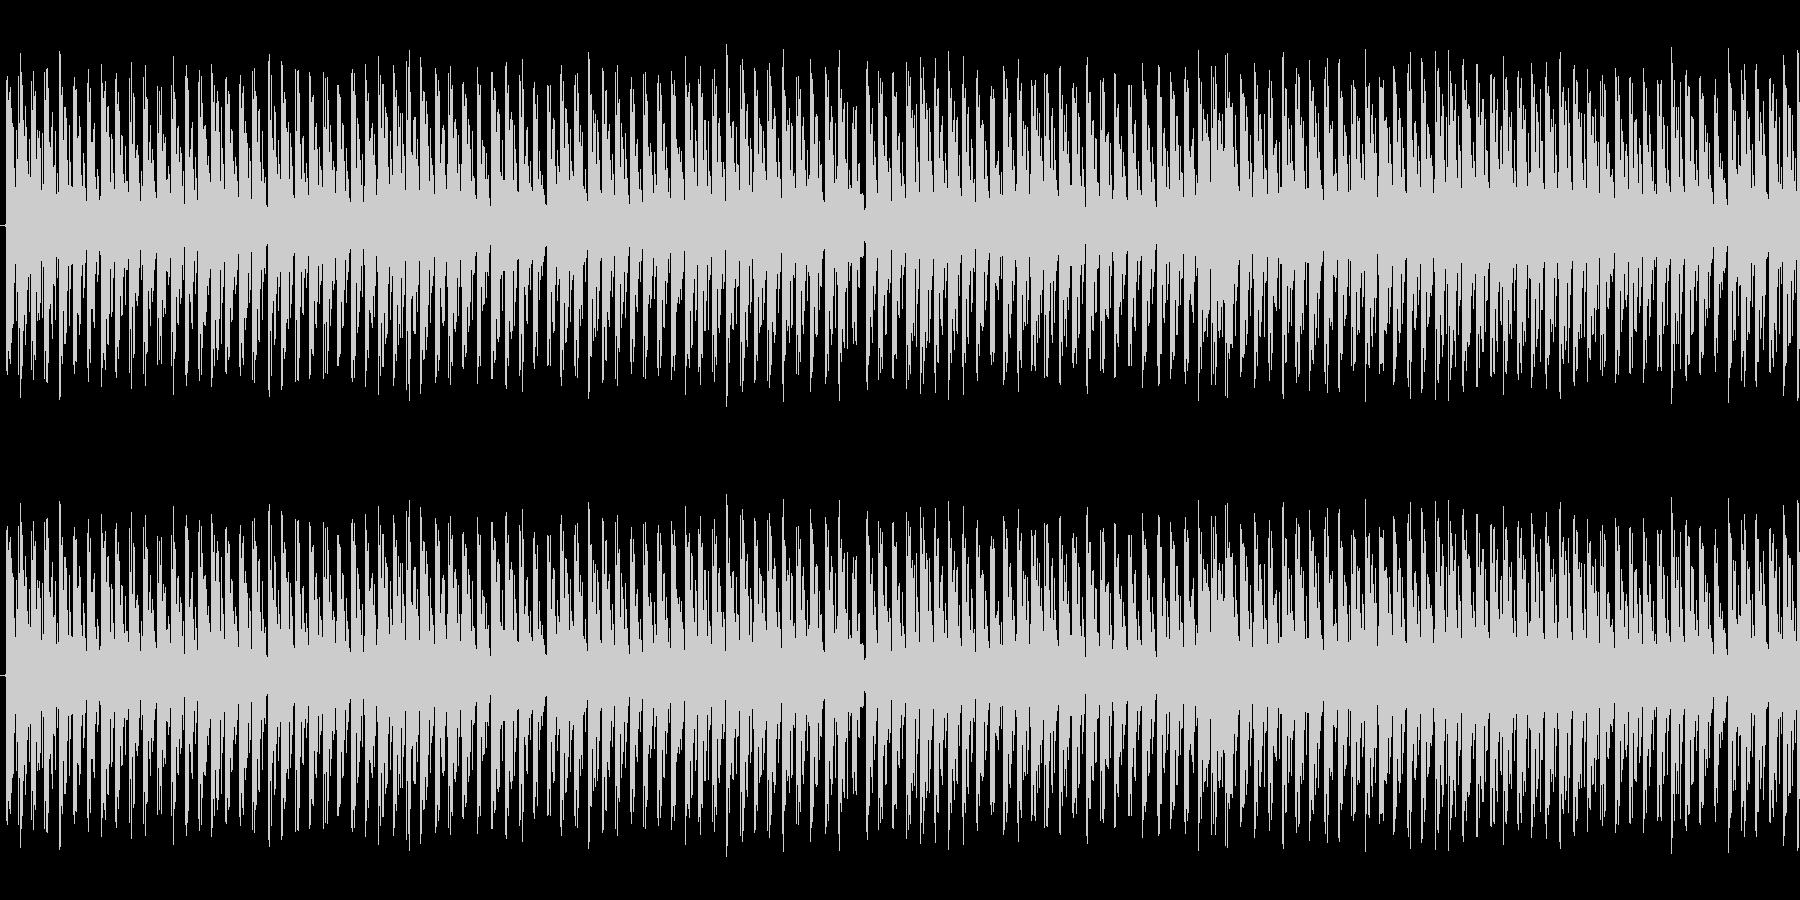 水たまりの上を走っているかのような音ですの未再生の波形